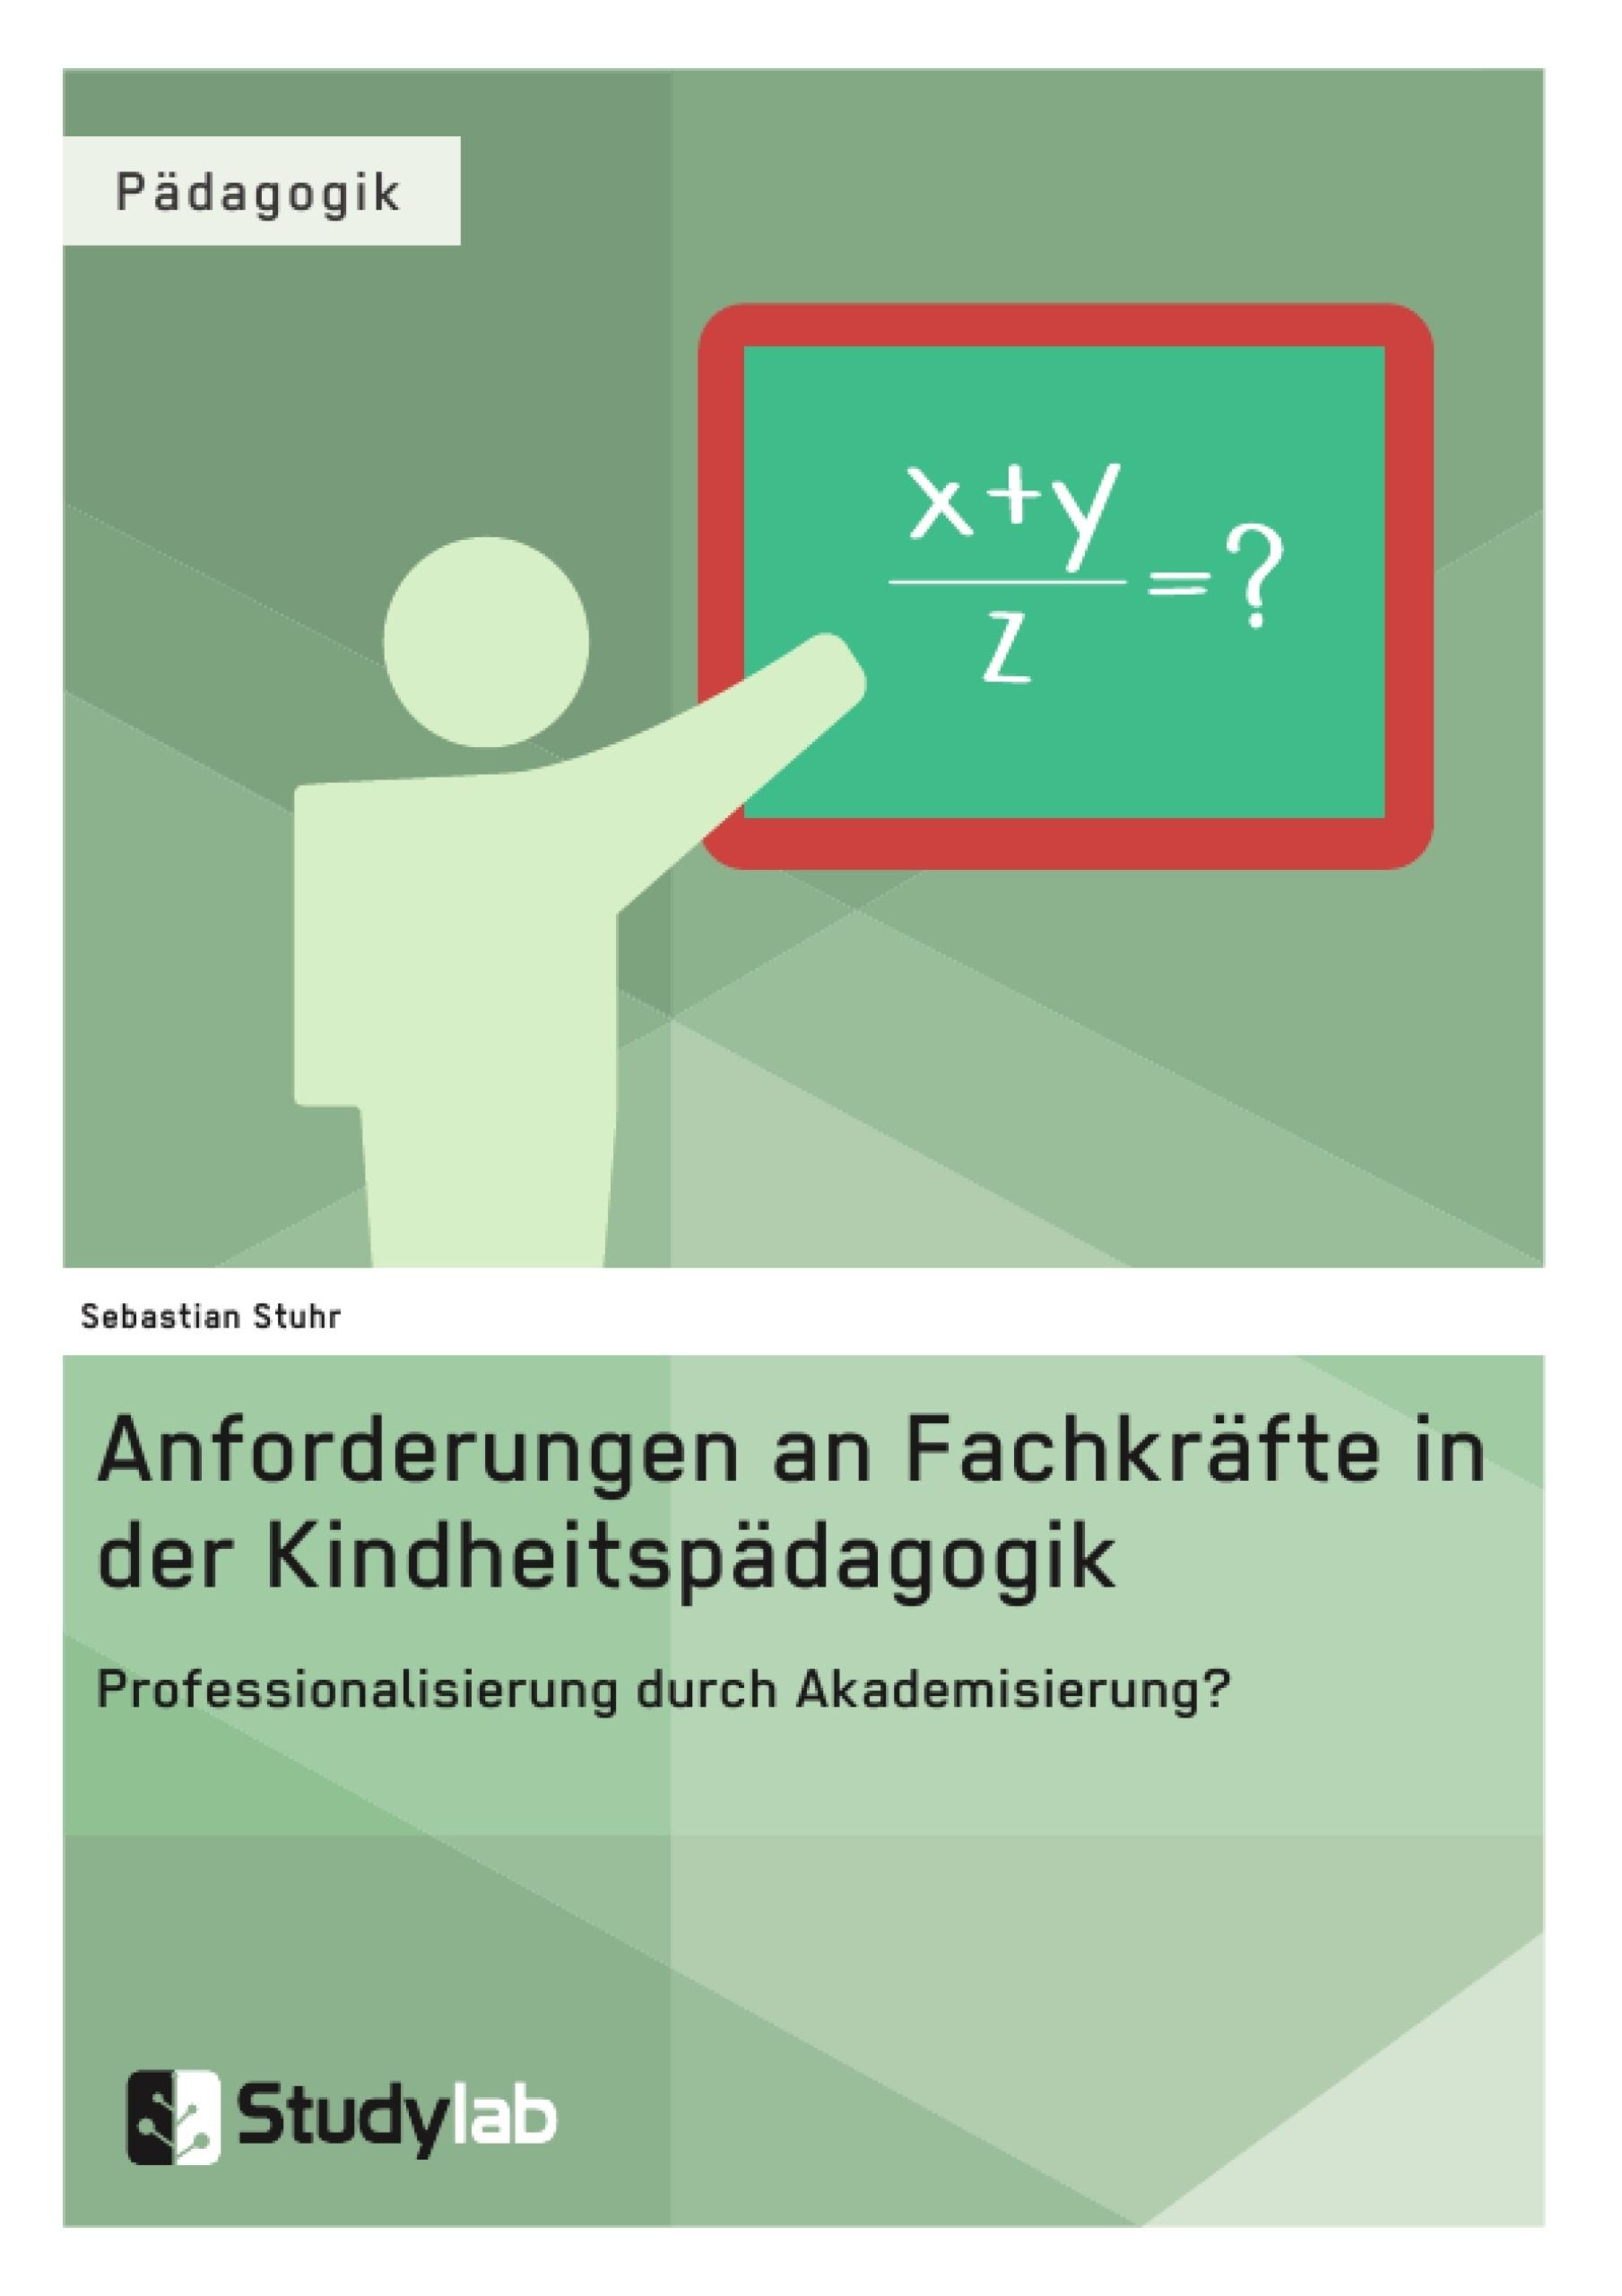 Titel: Anforderungen an Fachkräfte in der Kindheitspädagogik. Professionalisierung durch Akademisierung?